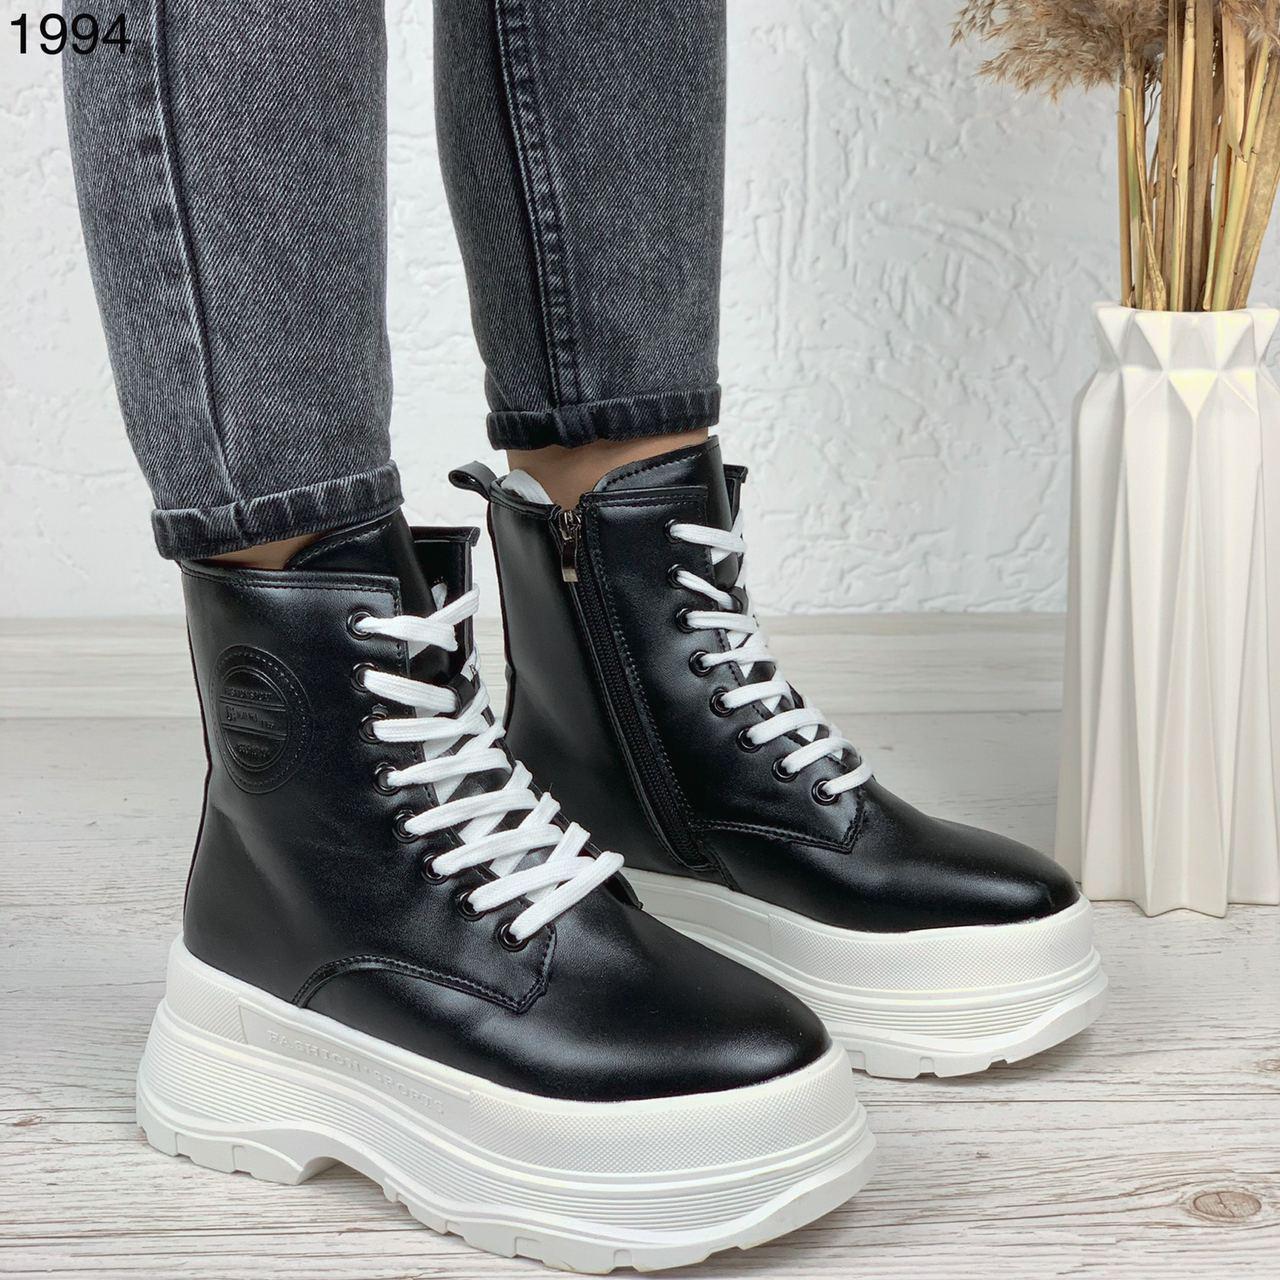 Женские ботинки ЗИМА черные с белым эко кожа на платформе 6 см